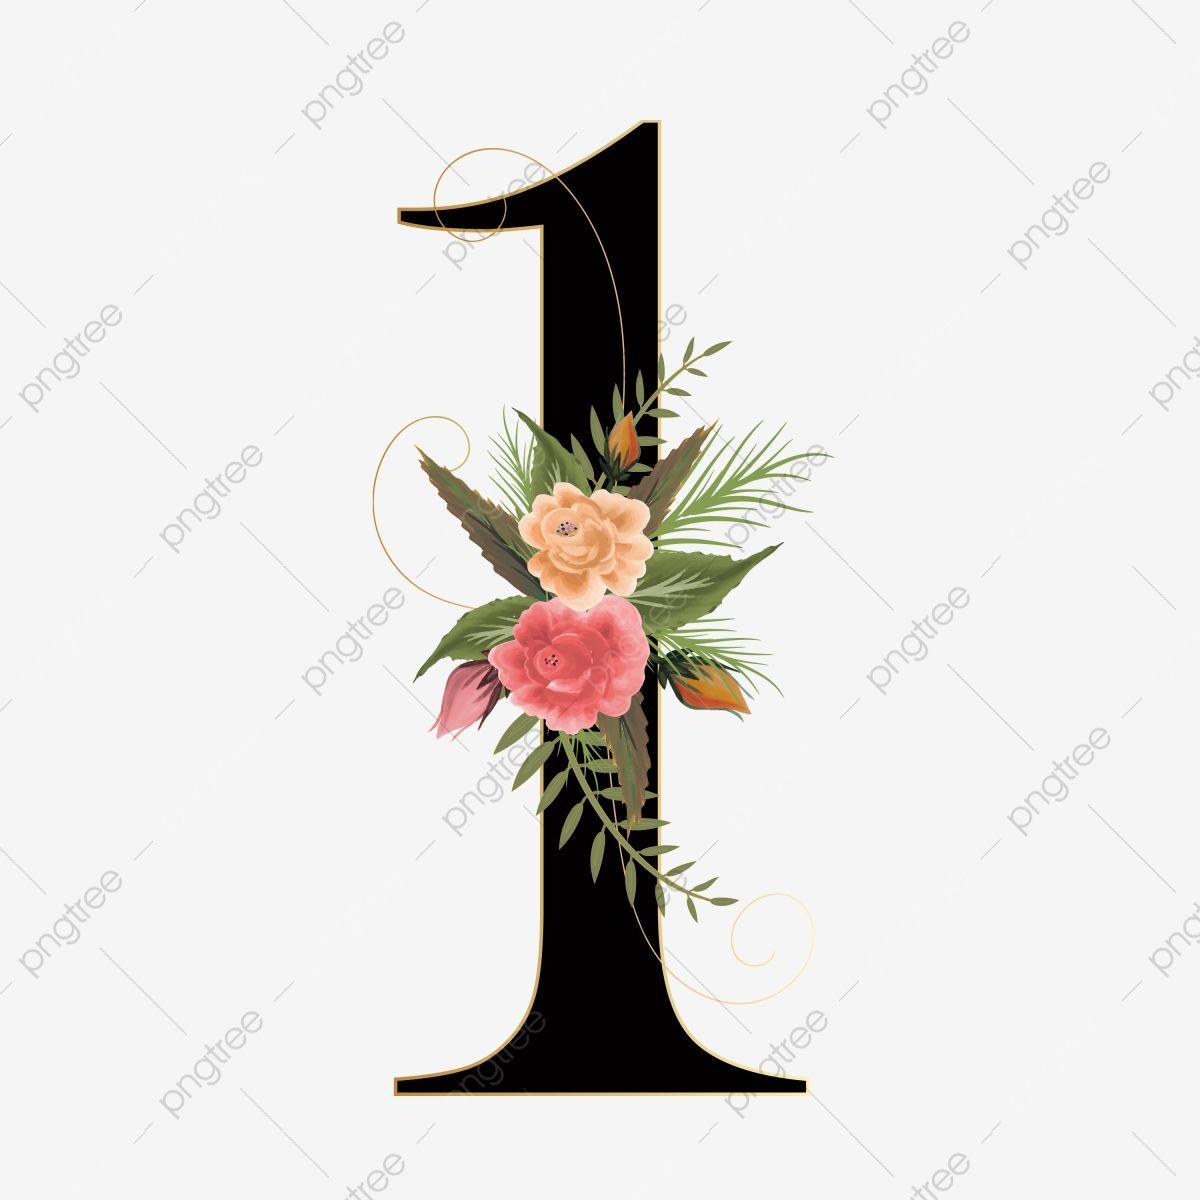 Numero Floral 1 Con Flores Y Hojas De Acuarela Numero 1 Decoracion De Elementos Decoracion De Numeros Png Y Vector Para Descargar Gratis Pngtree Flower Aesthetic Floral Wreath Watercolor Watercolor Flowers